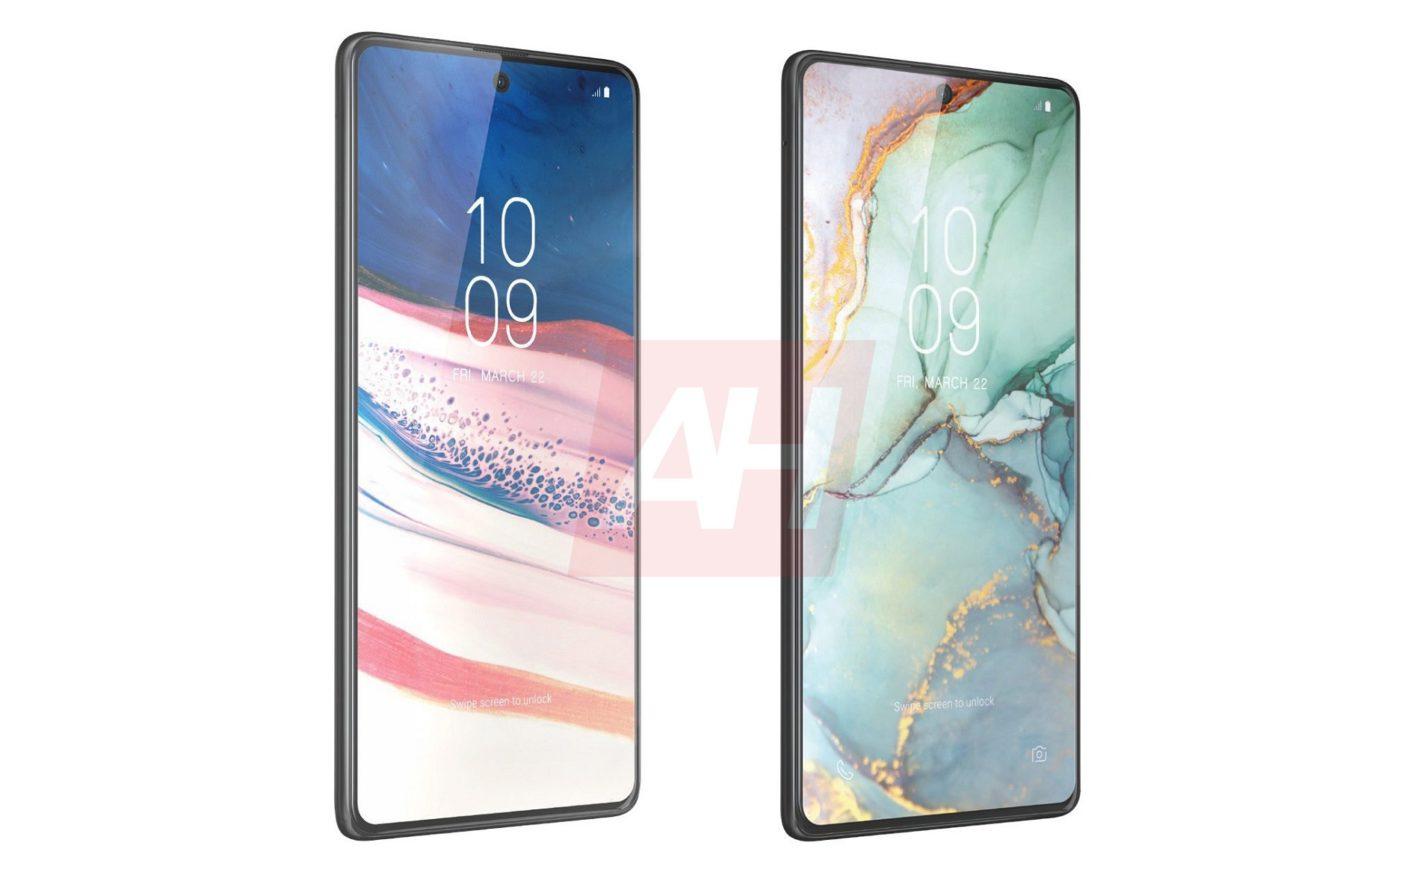 Samsung Galaxy S10 Lite et Note 10 Lite : les rendus presse apparaissent avant l'heure